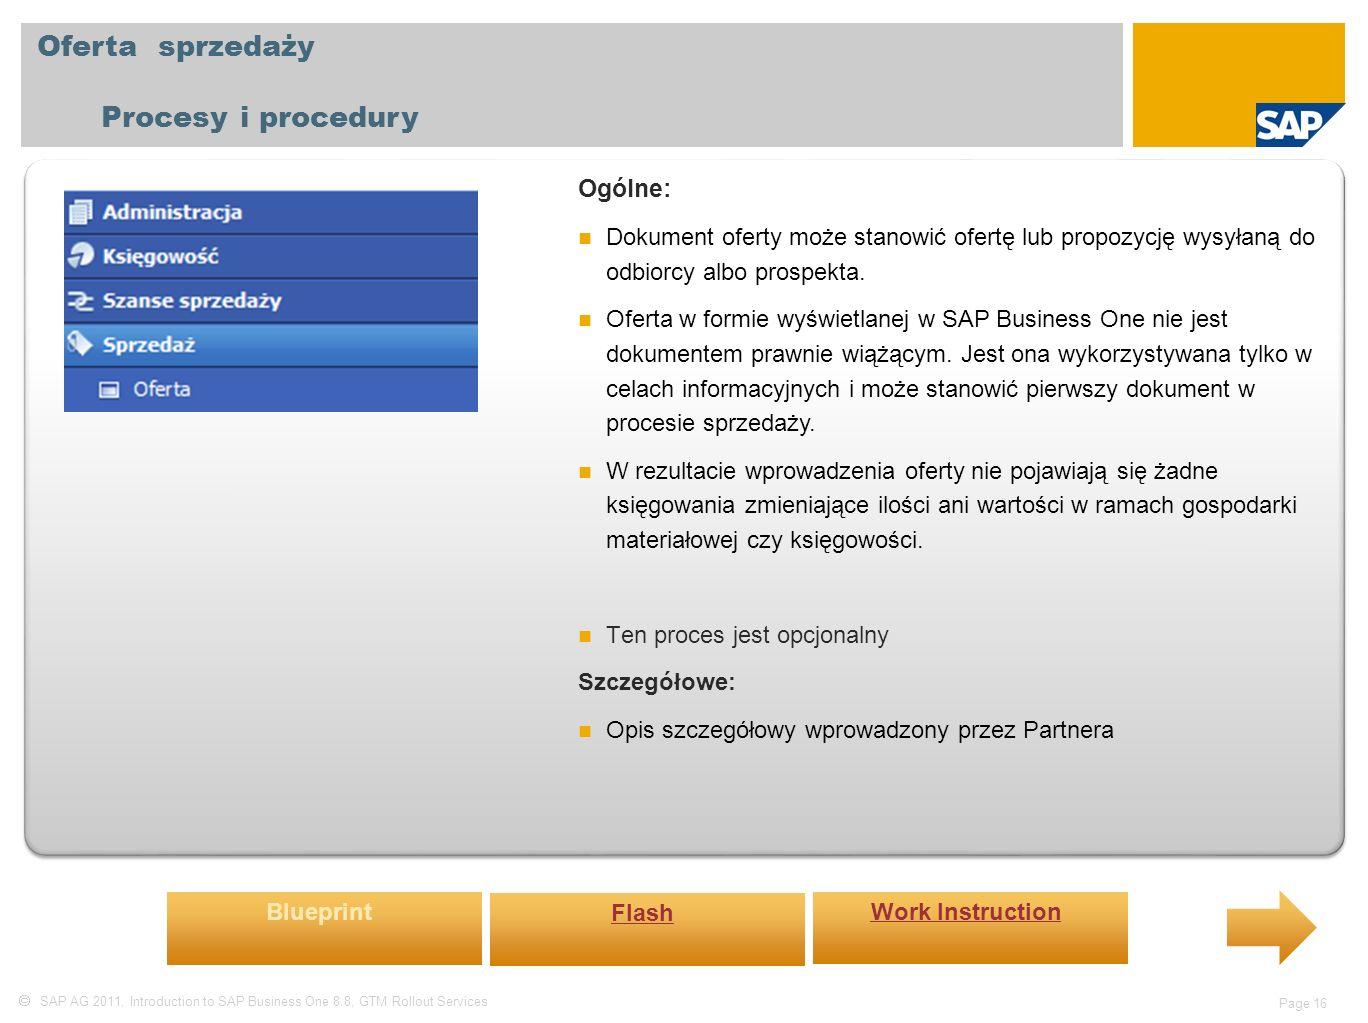  SAP AG 2011, Introduction to SAP Business One 8.8, GTM Rollout Services Page 16 Oferta sprzedaży Procesy i procedury Ogólne: Dokument oferty może stanowić ofertę lub propozycję wysyłaną do odbiorcy albo prospekta.